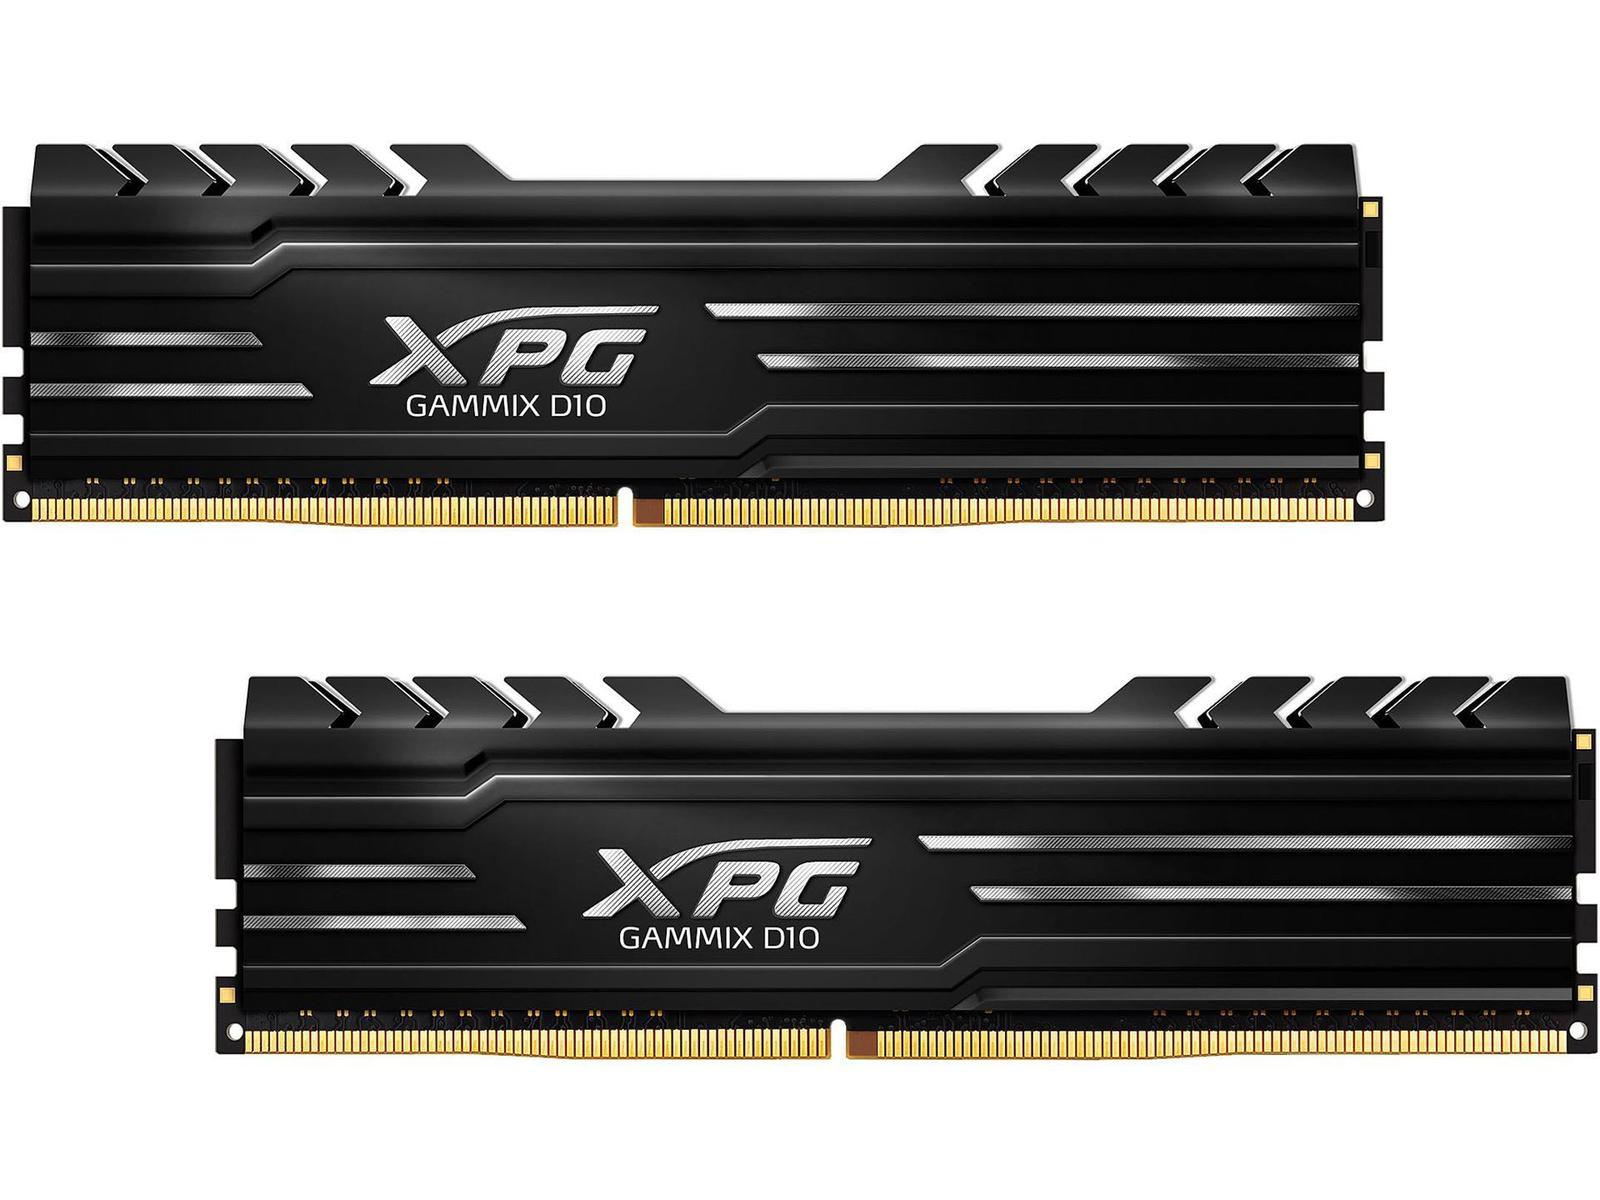 ADATA XPG GAMMIX D10 16 GB (2 x 8 GB) DDR4-3000 CL16 Memory